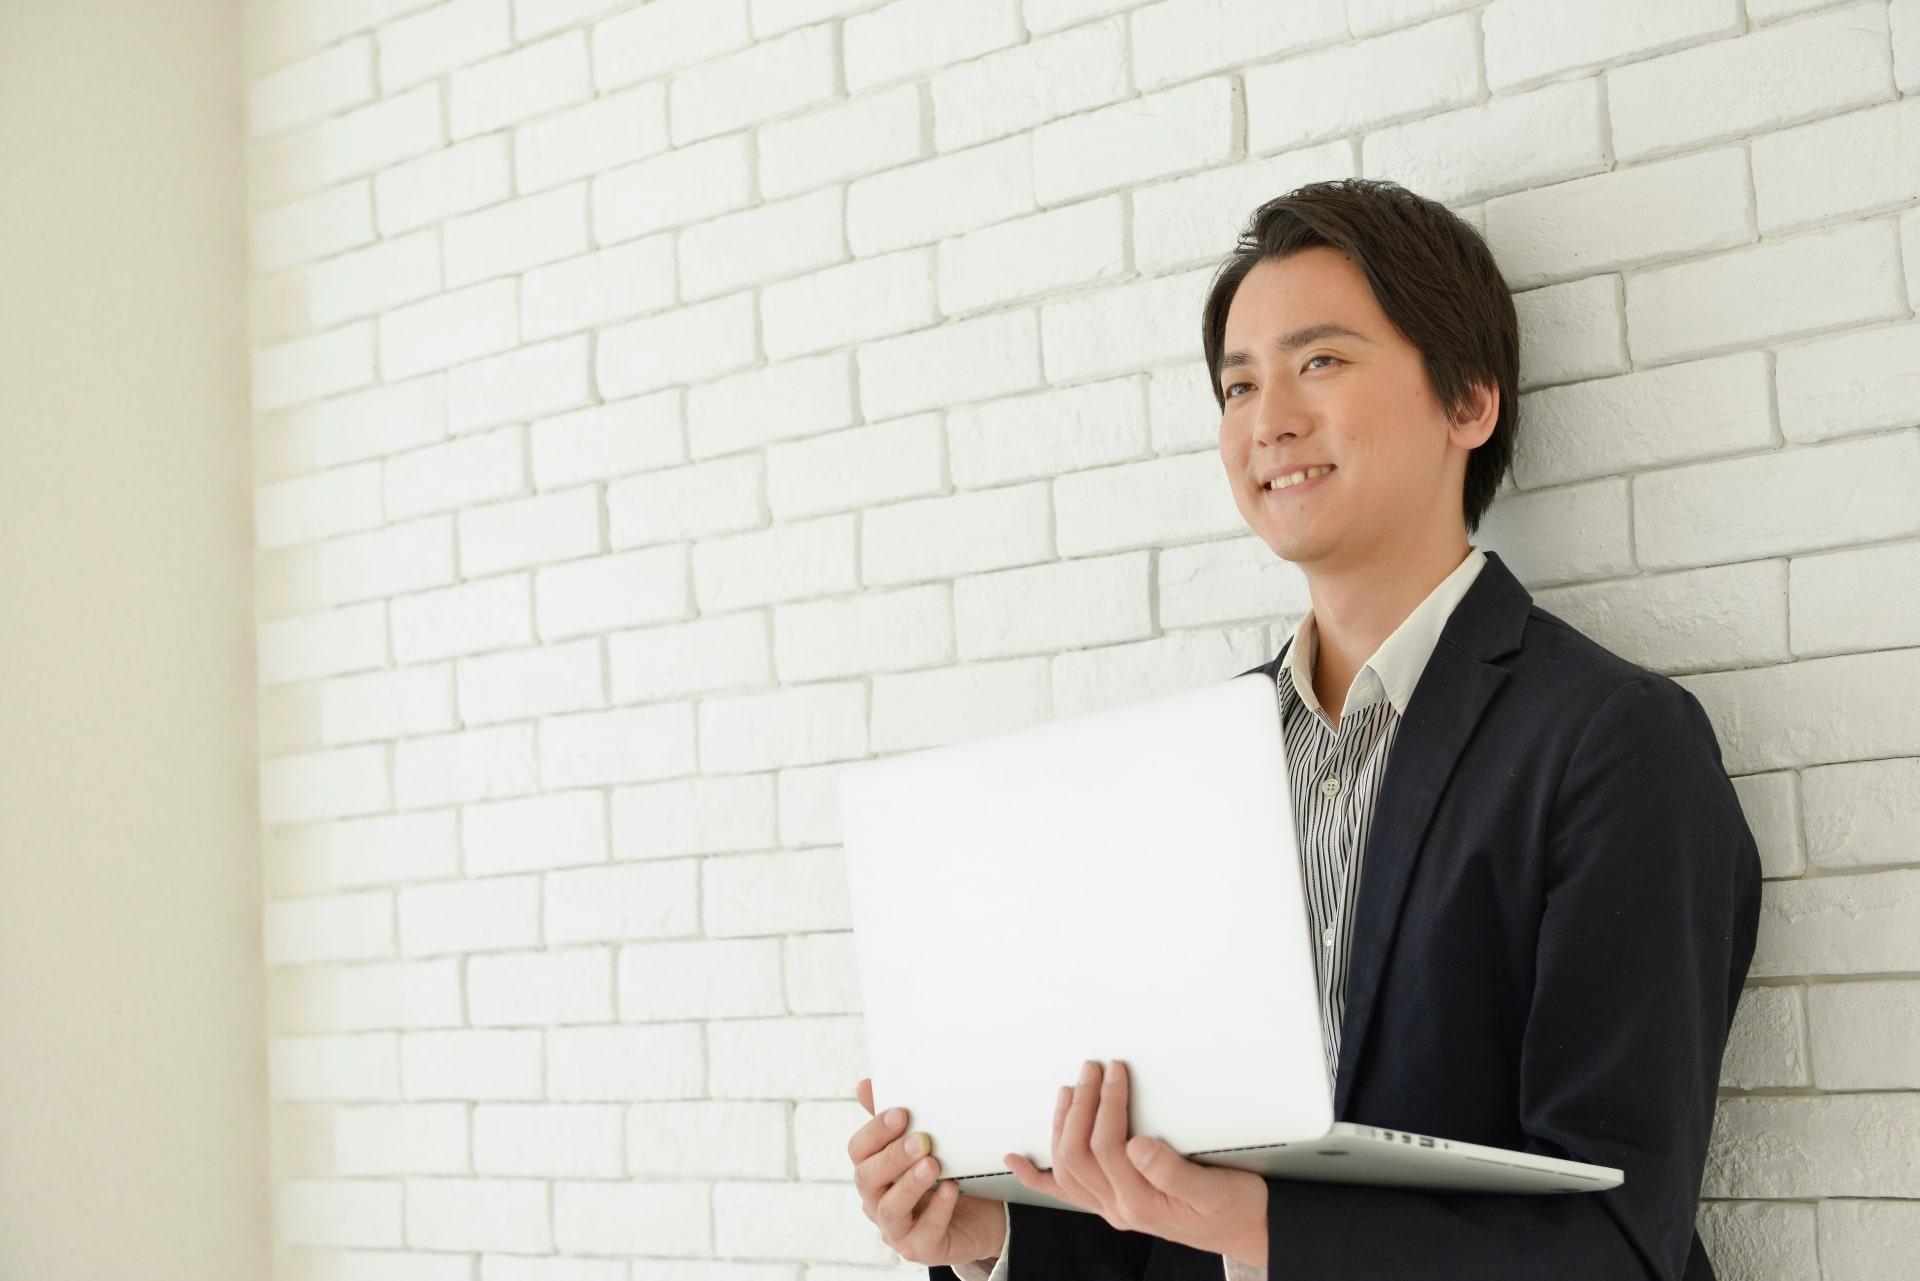 【婚活サイト】婚活サイトで成功する方法